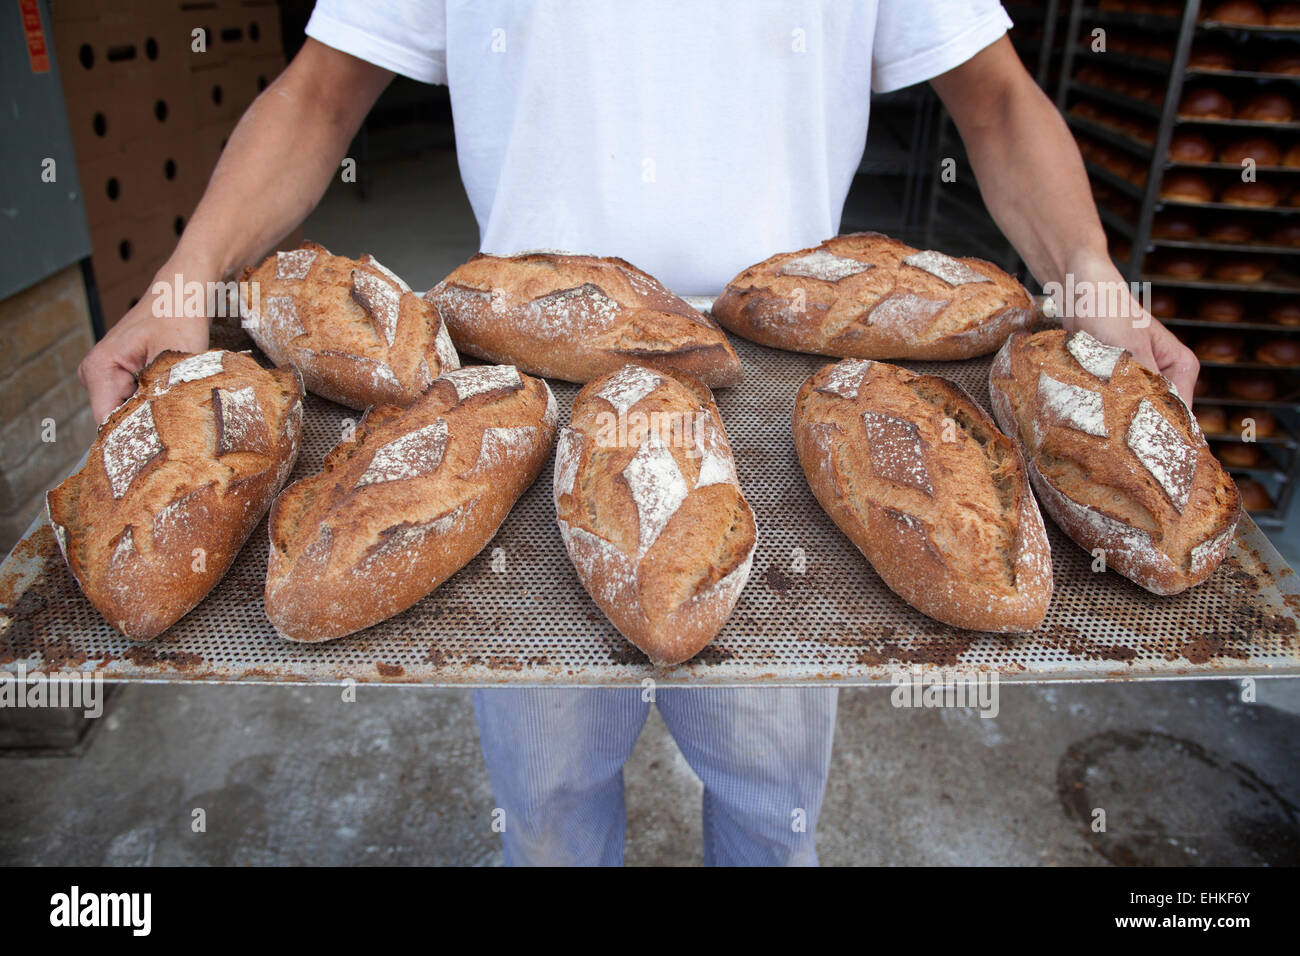 Baker, die holding ein Tablett mit Broten frisch gebackenem Vollkornbrot Stockbild